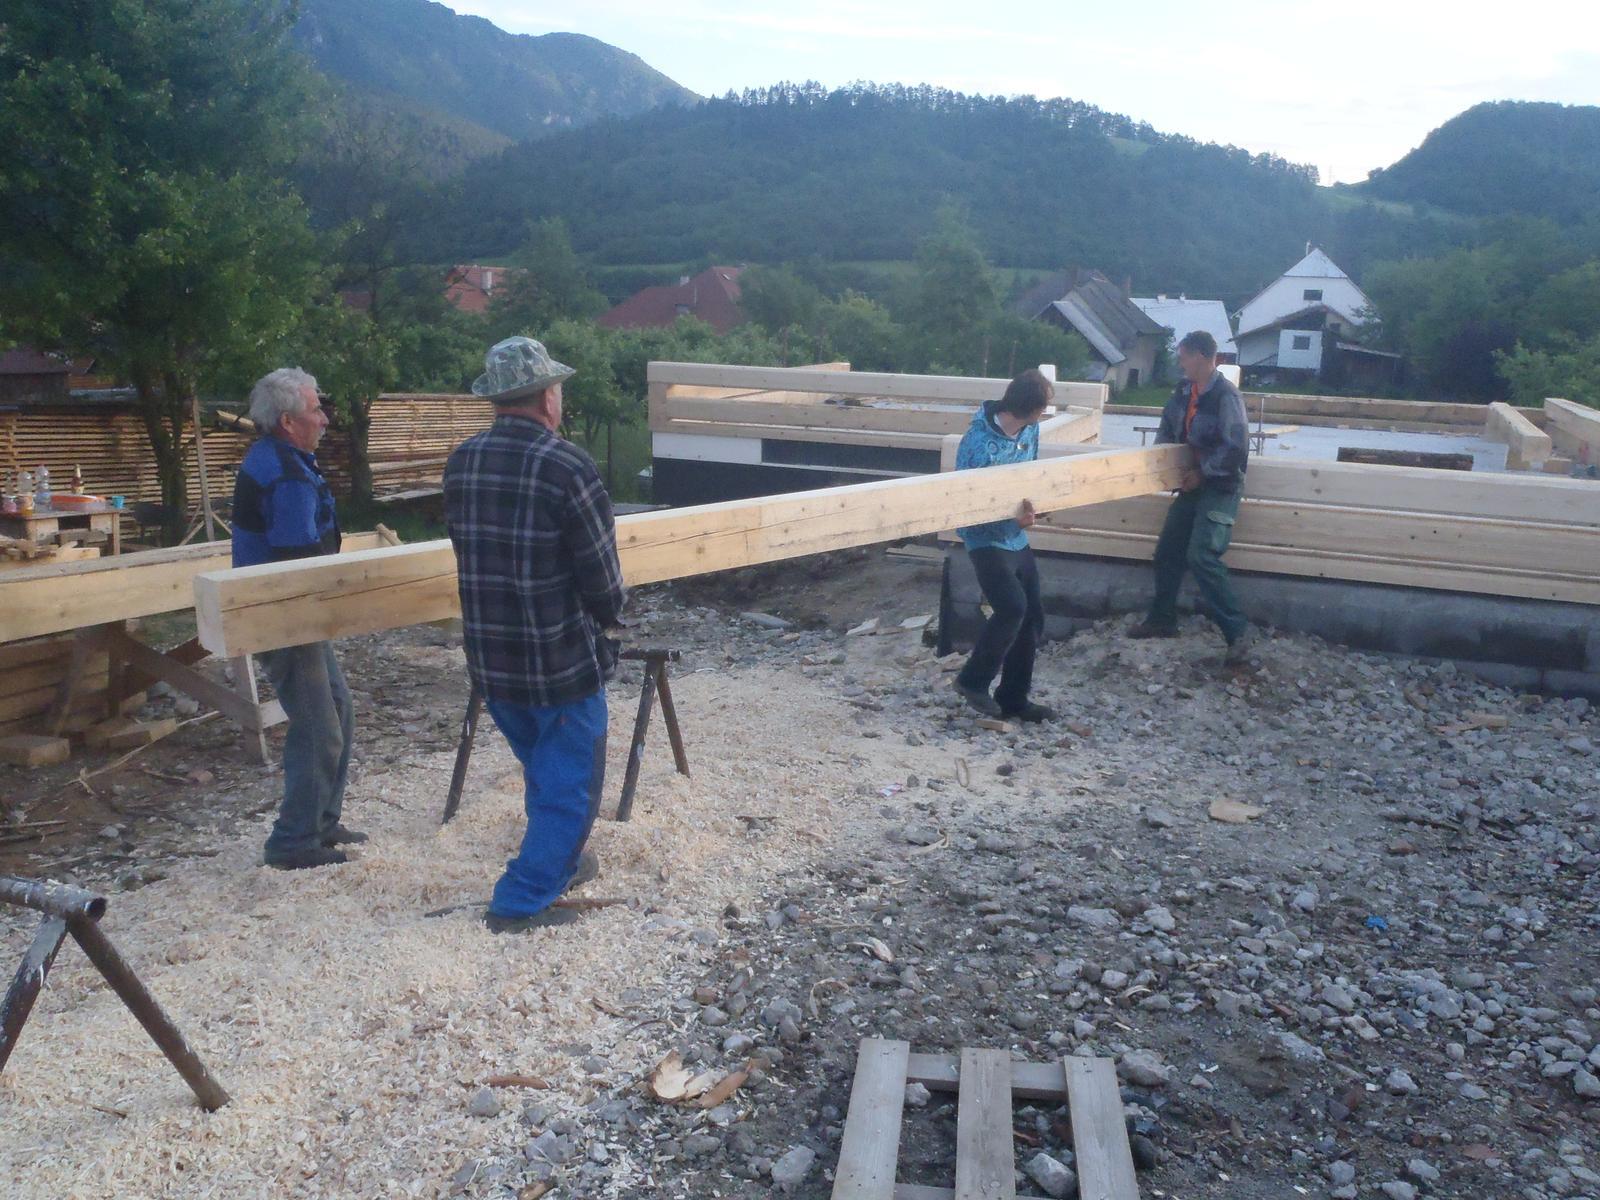 Náš veľký sen o drevenom domčeku! - Obrázok č. 55